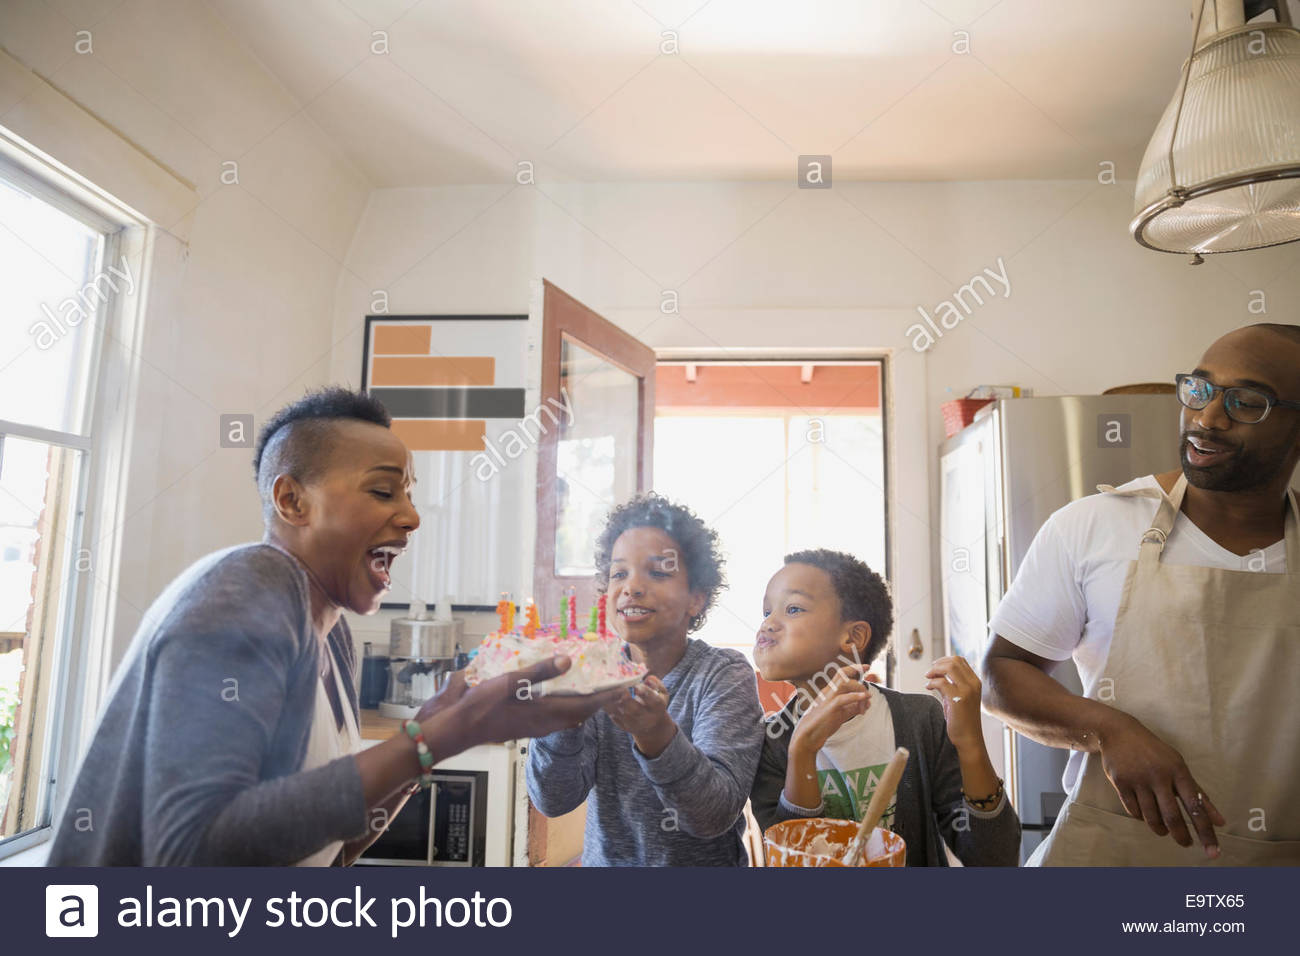 Viendo la familia madre soplar la tarta de cumpleaños velas Imagen De Stock